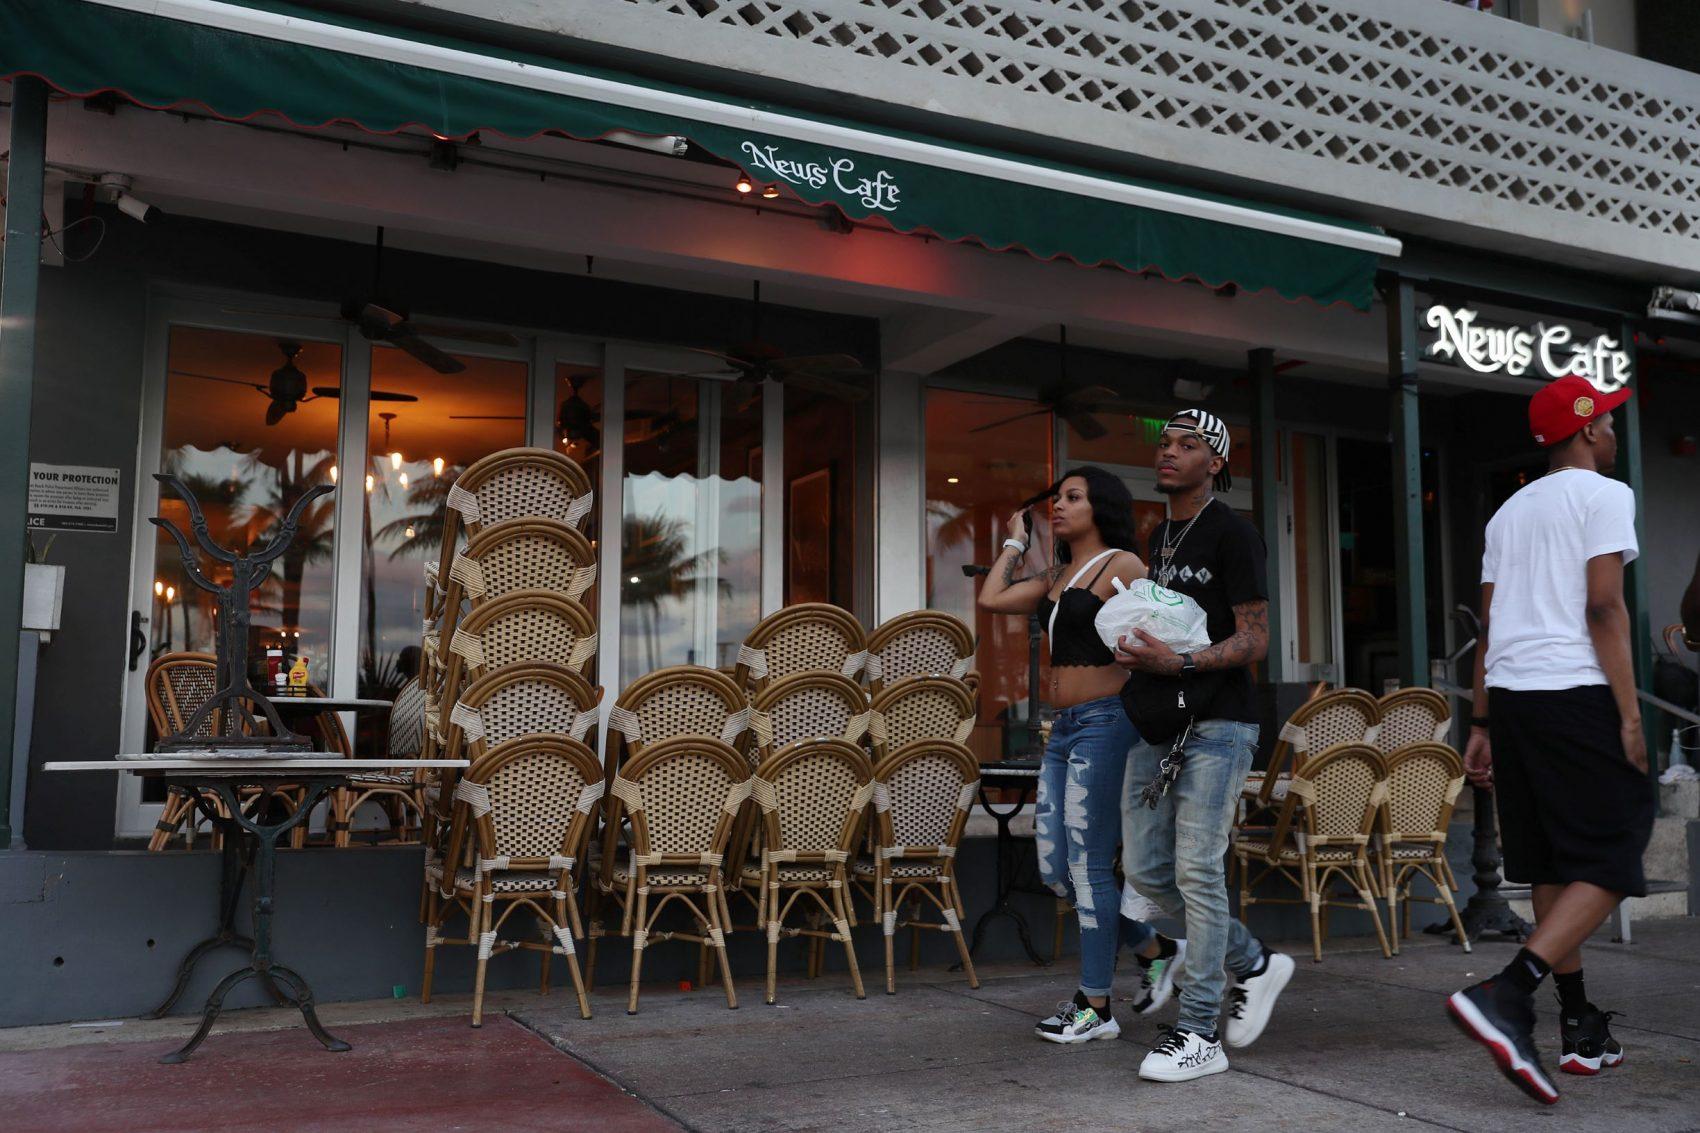 Bar fechado em Miami Beach, Flórida: garçons, vendedores e outros trabalhadores que recebem por hora serão os mais afetados pela onda recessiva (Foto: Joe Raedle/Getty Images/AFP)